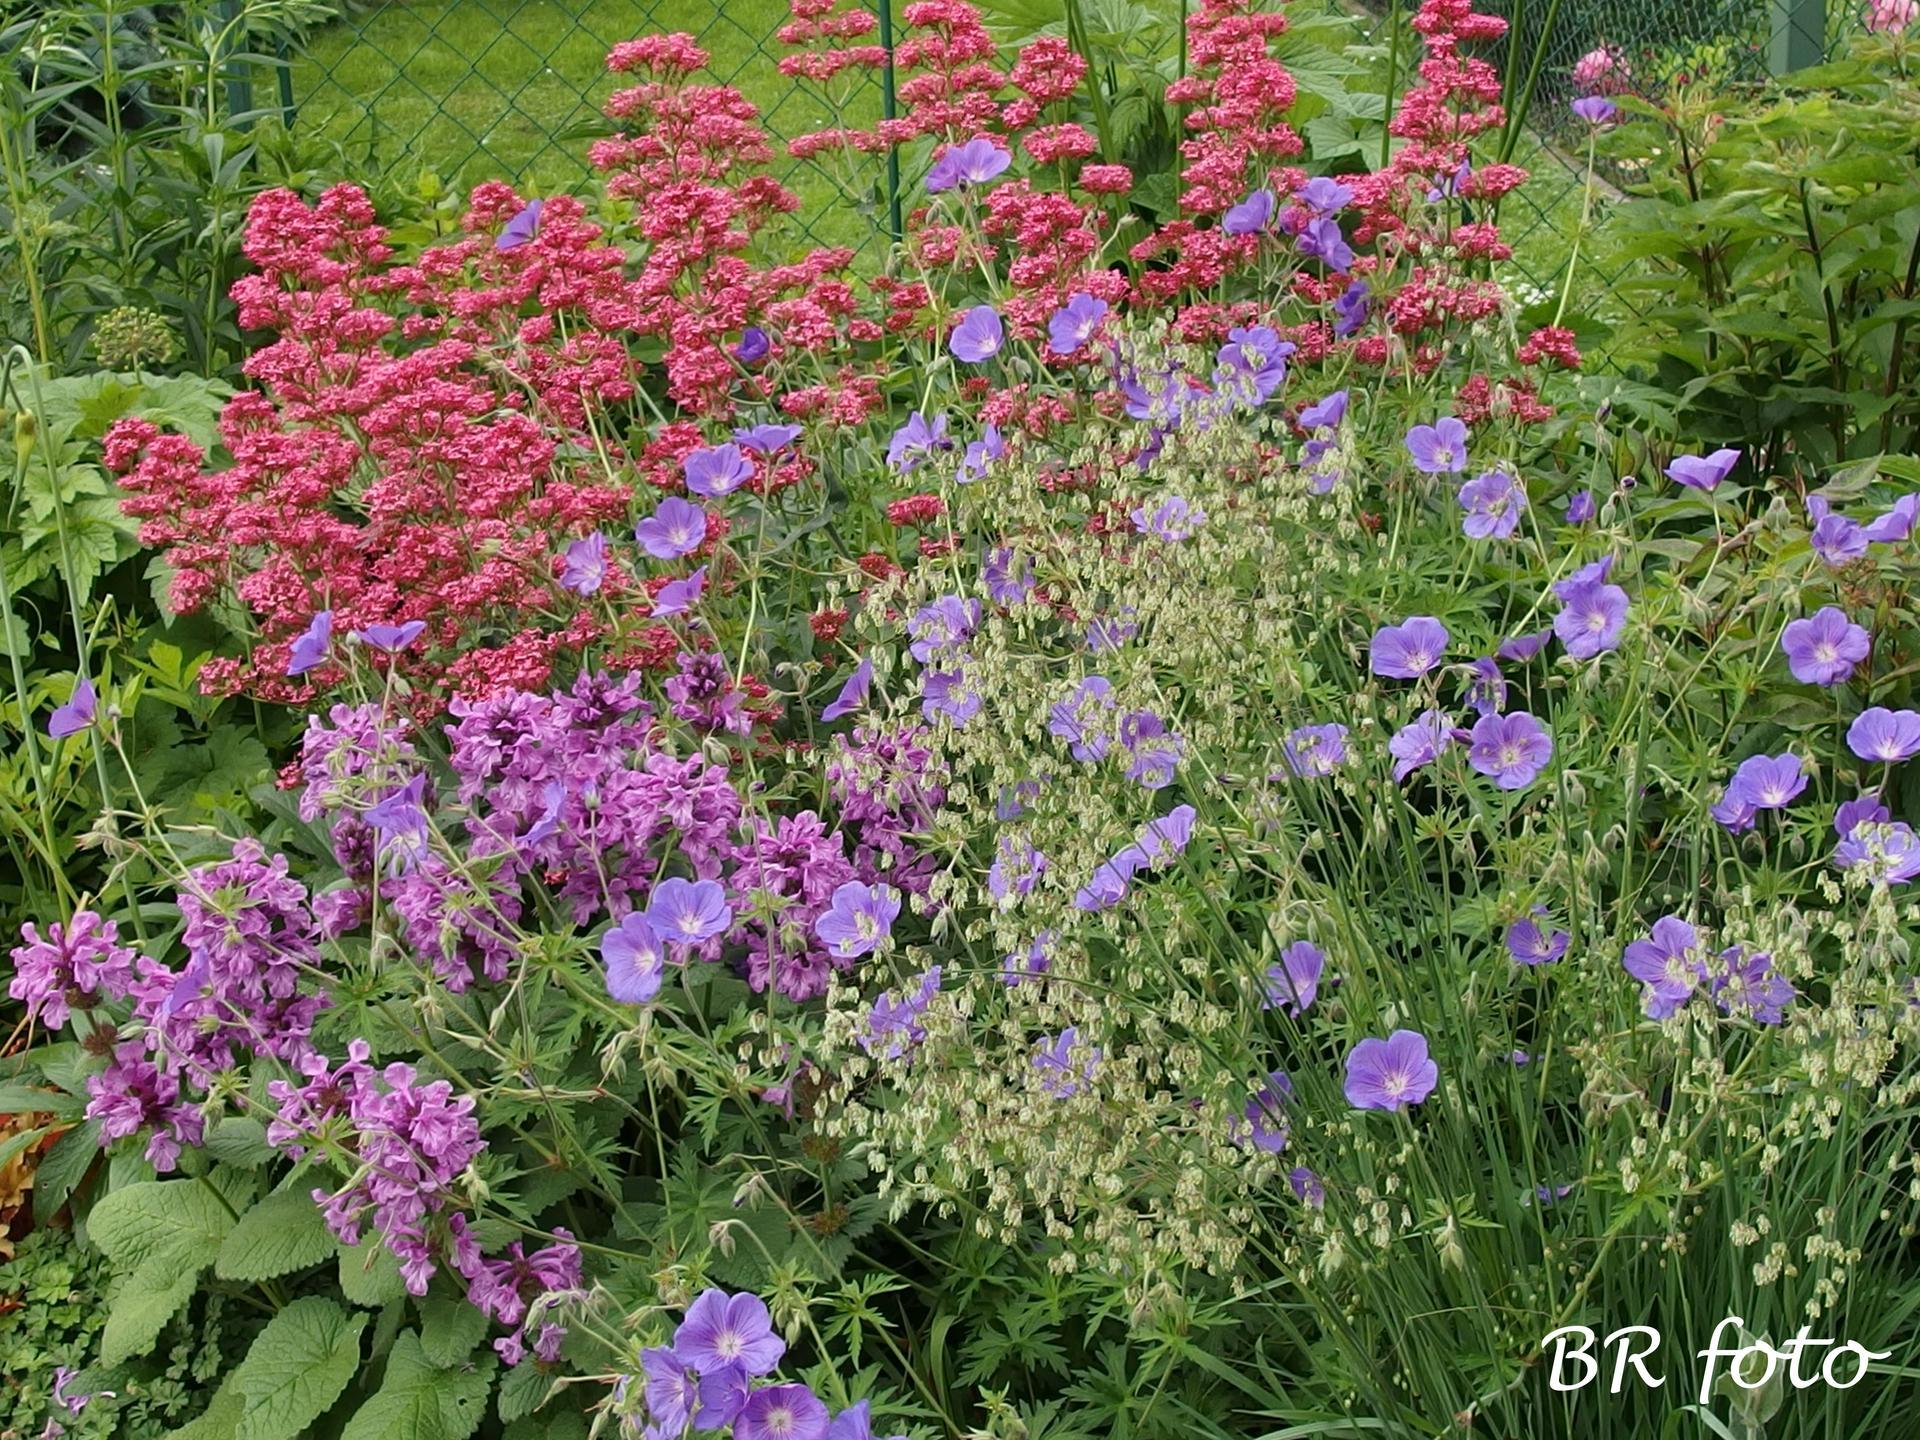 Zahrada v červnu - vše roste a kvete jako o život.... - mavuň, kakost, čistec, třeslice